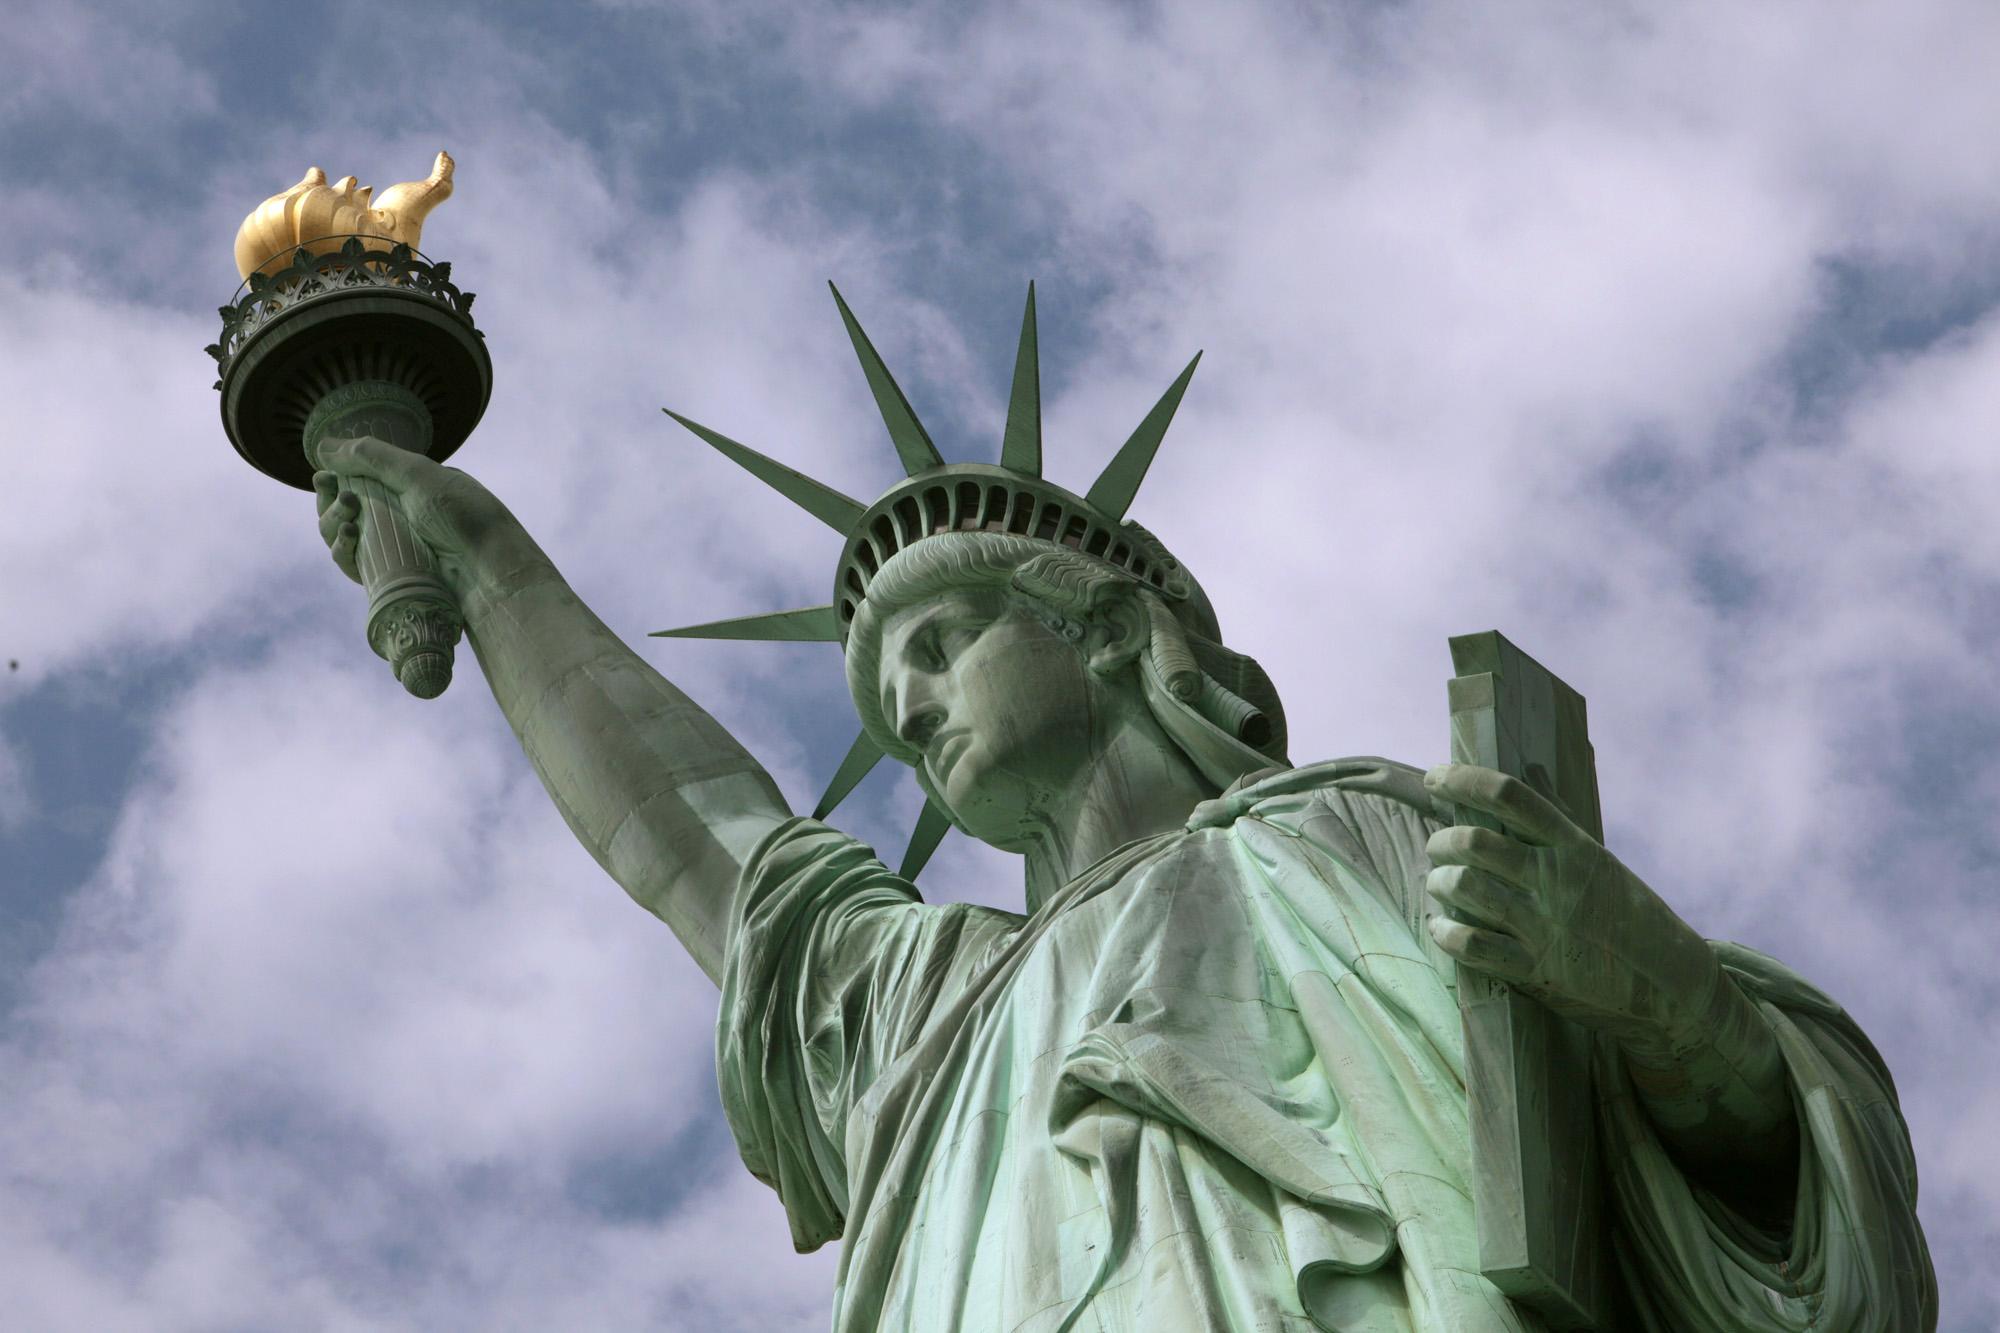 مجسمهی آزادی نیویورک و انتخابات امریکا